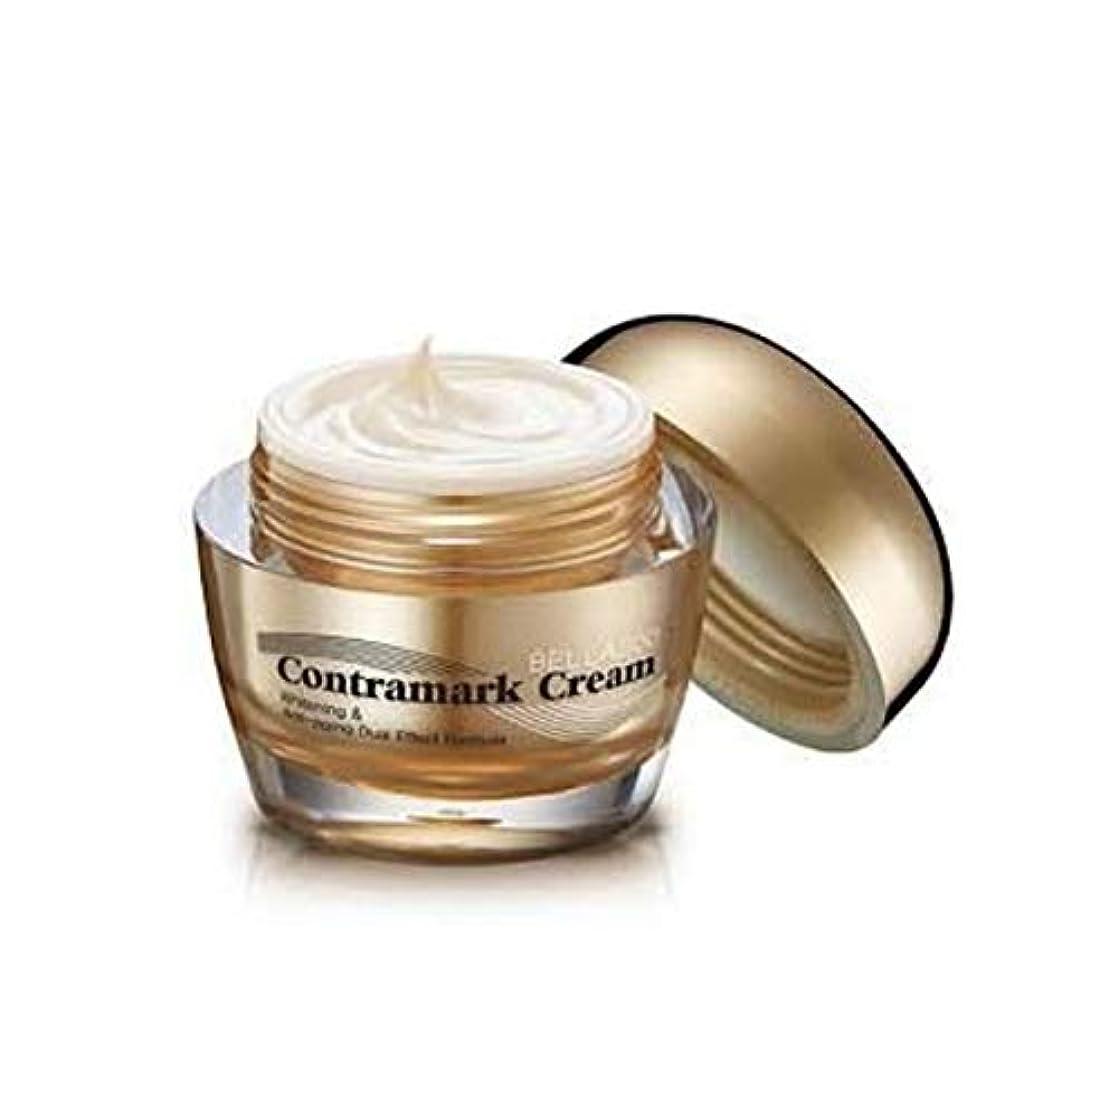 メガロポリス実証する倫理鍾根堂ベラシュコントラマーククリーム30gシミ?ソバカス韓国コスメ、Chong Kun Dang Bellasoo Contramark Cream 30g Melasma Cream Korean Cosmetics...